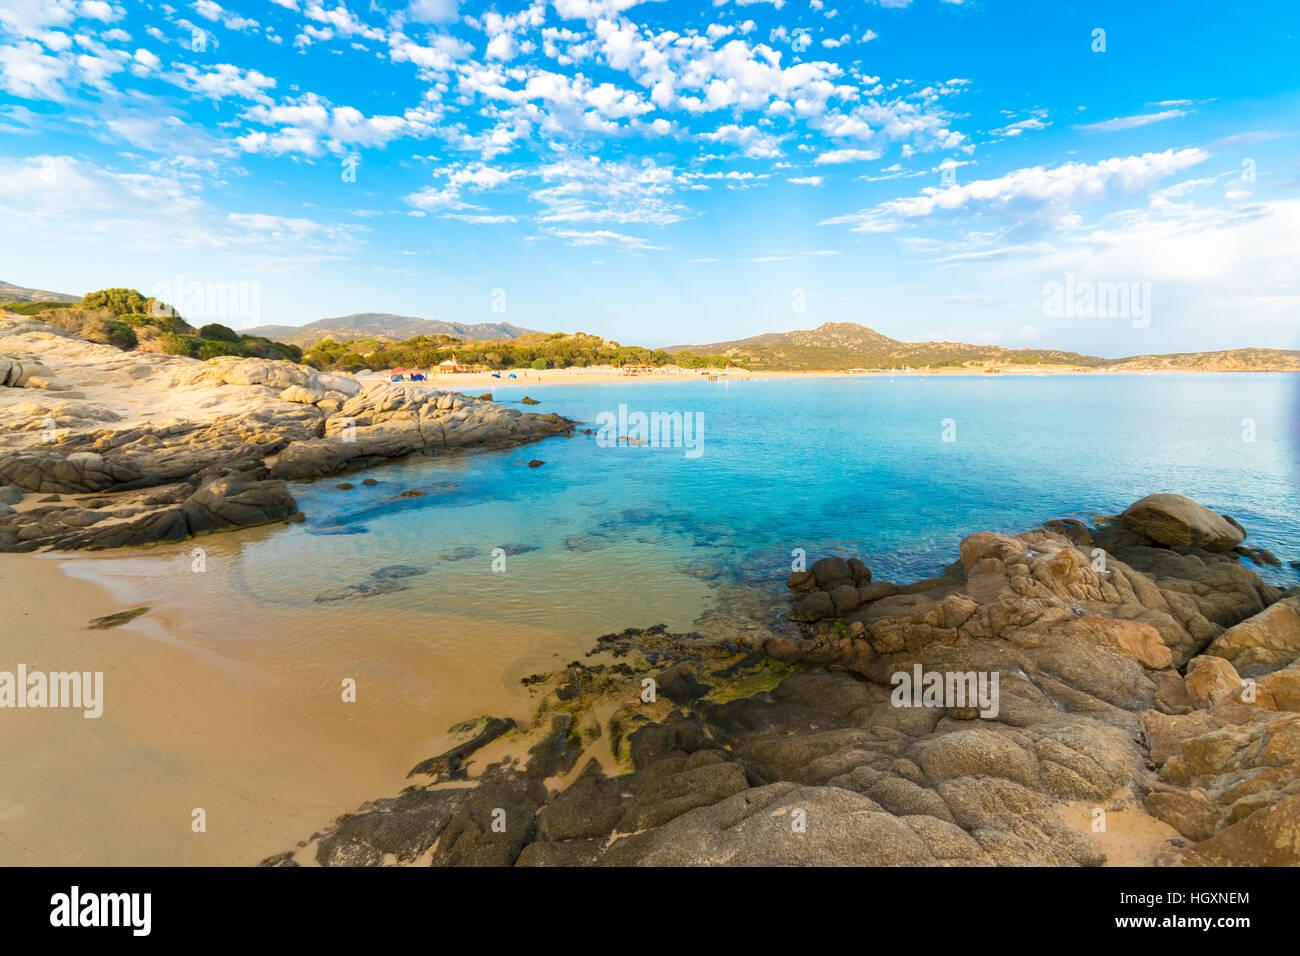 Das Meer und die unberührten Strände von Chia, Insel Sardinien, Italien. Stockbild